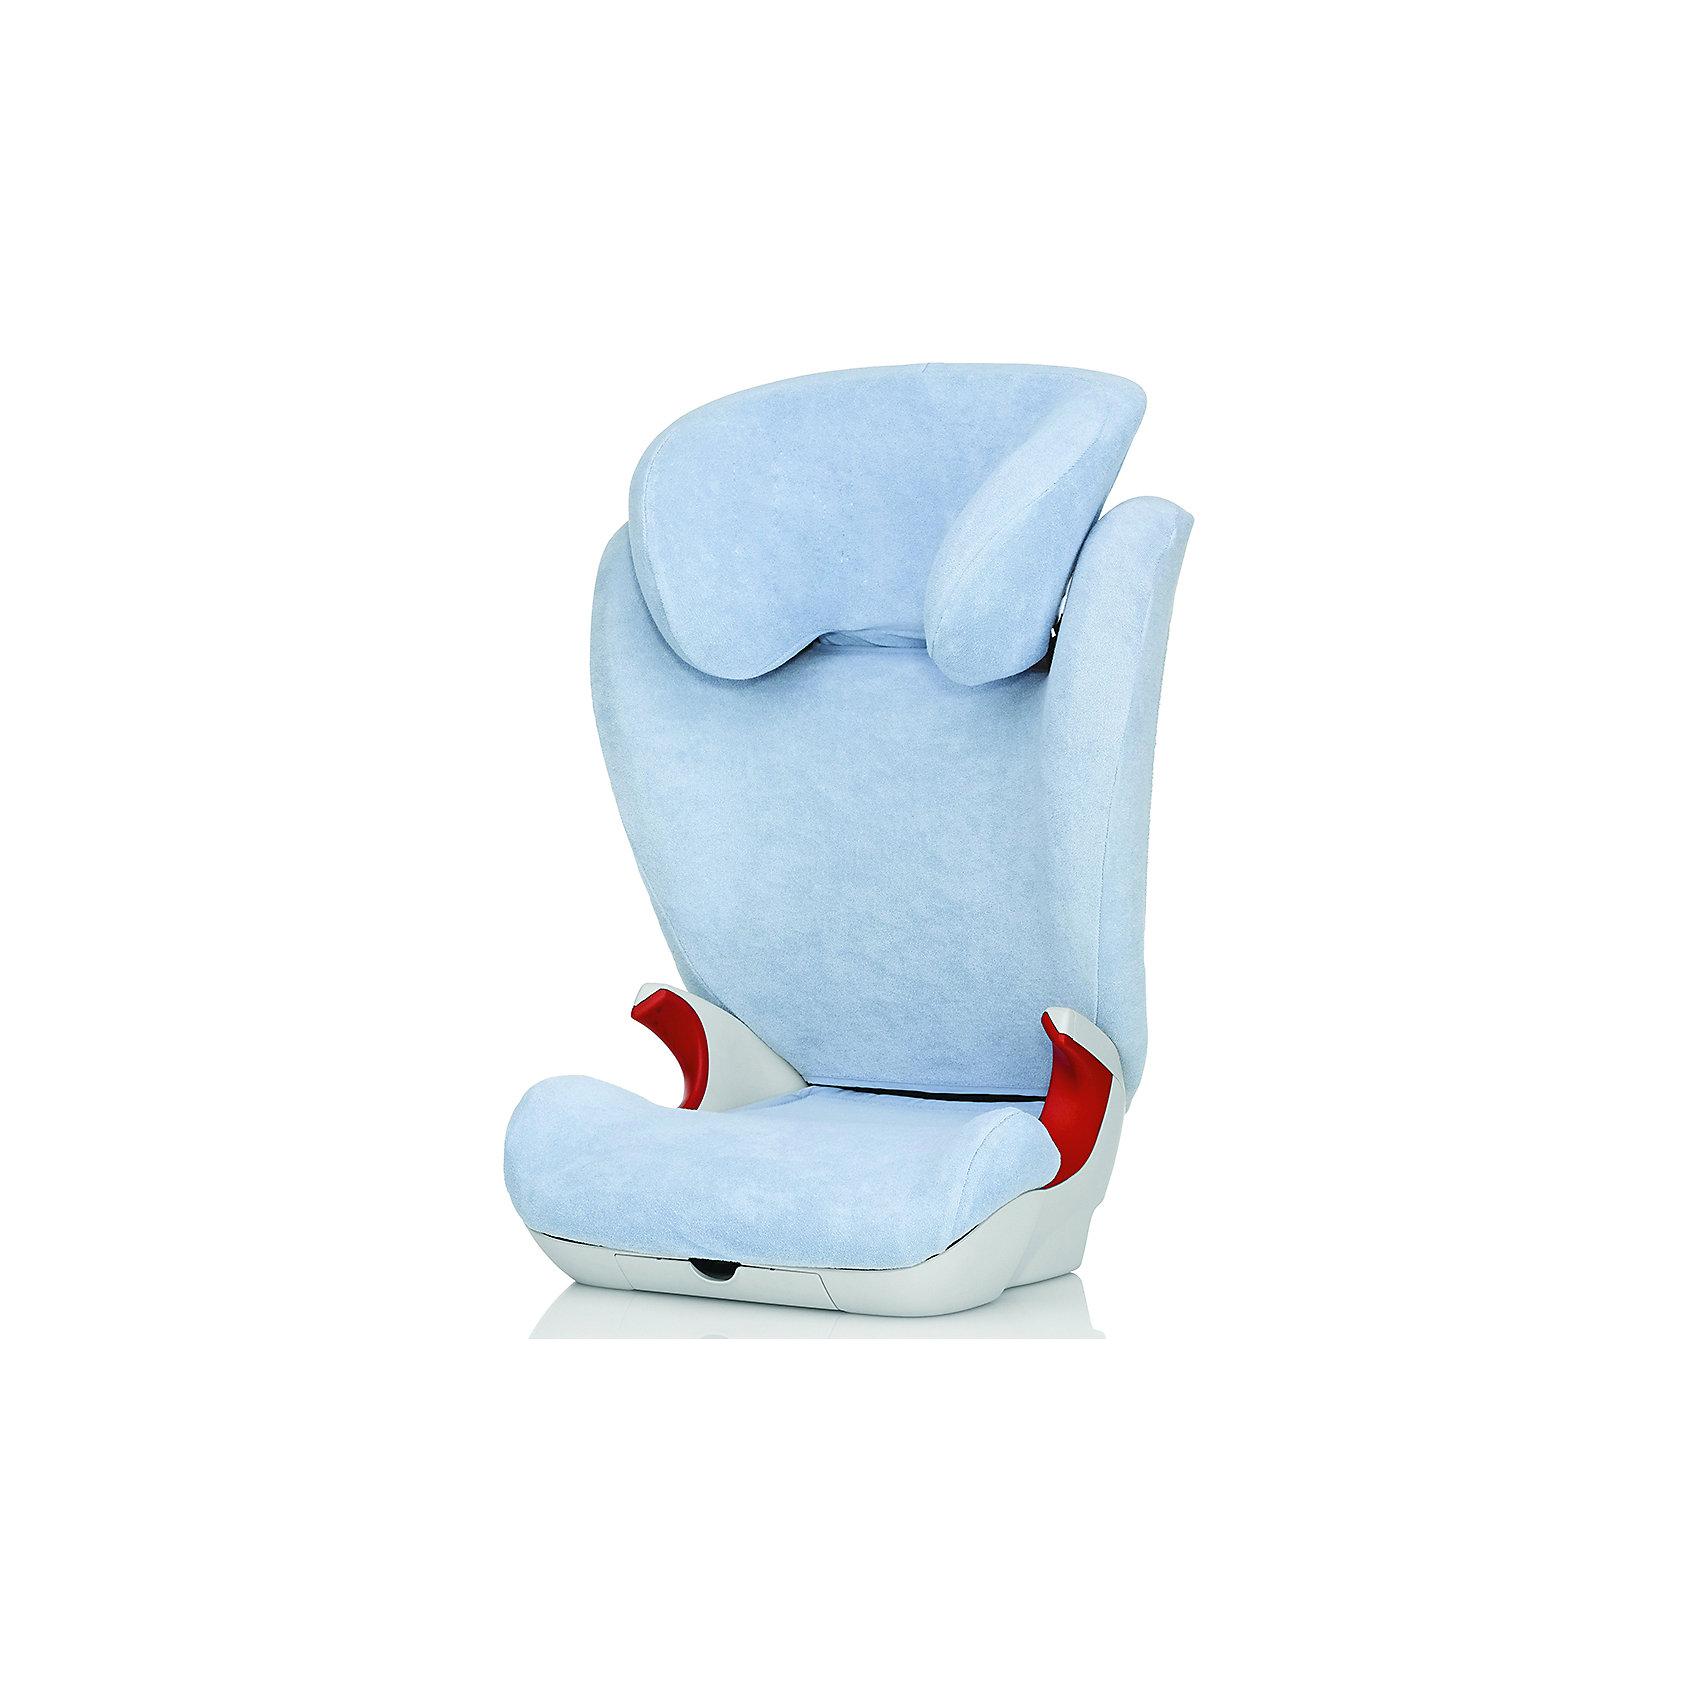 ������ ����� ��� ���������� KID II, Britax Roemer, Blue (Britax R?mer)